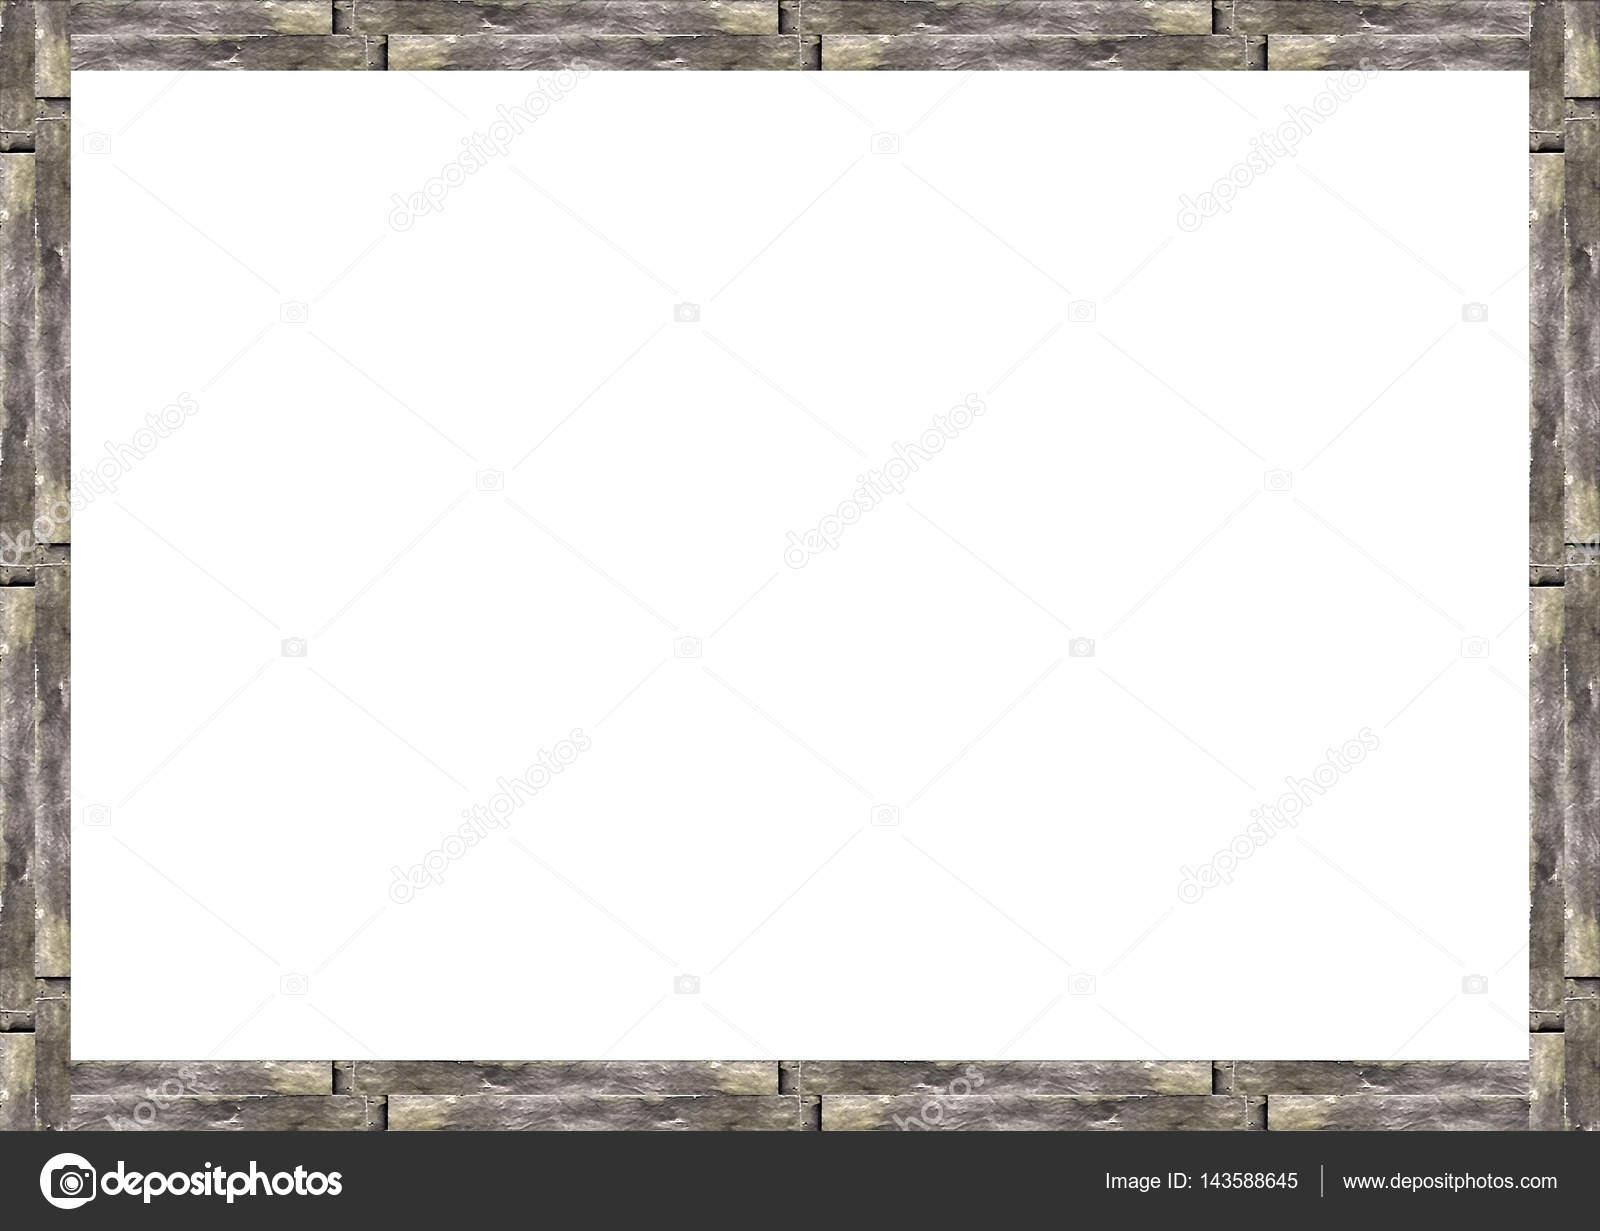 Fronteras de madera rústico marco blanco fondo — Foto de stock ...